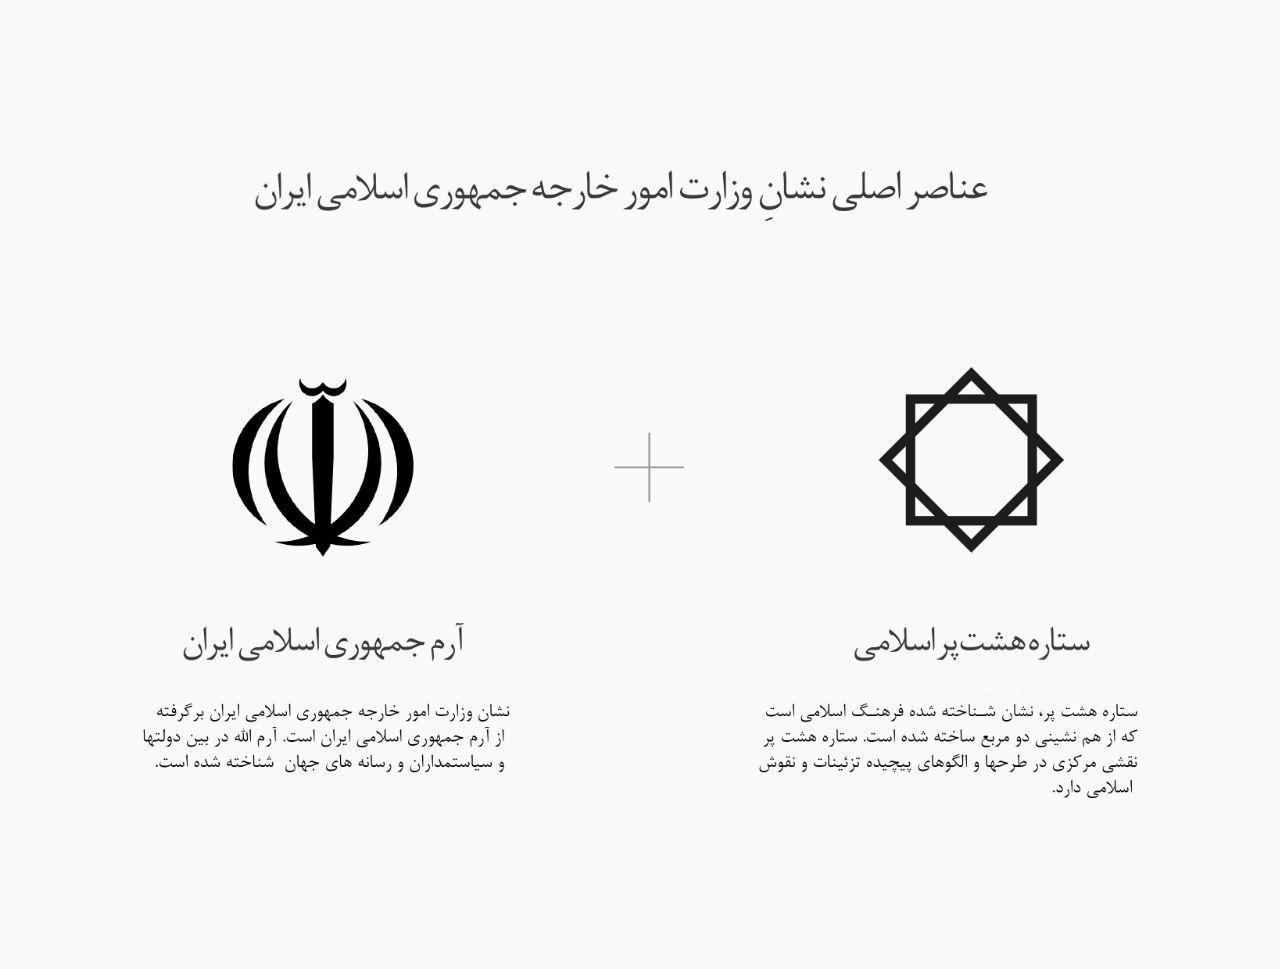 رونمایی از نشان و پرچم وزارت امور خارجه در آستانه دویستمین سال تاسیس